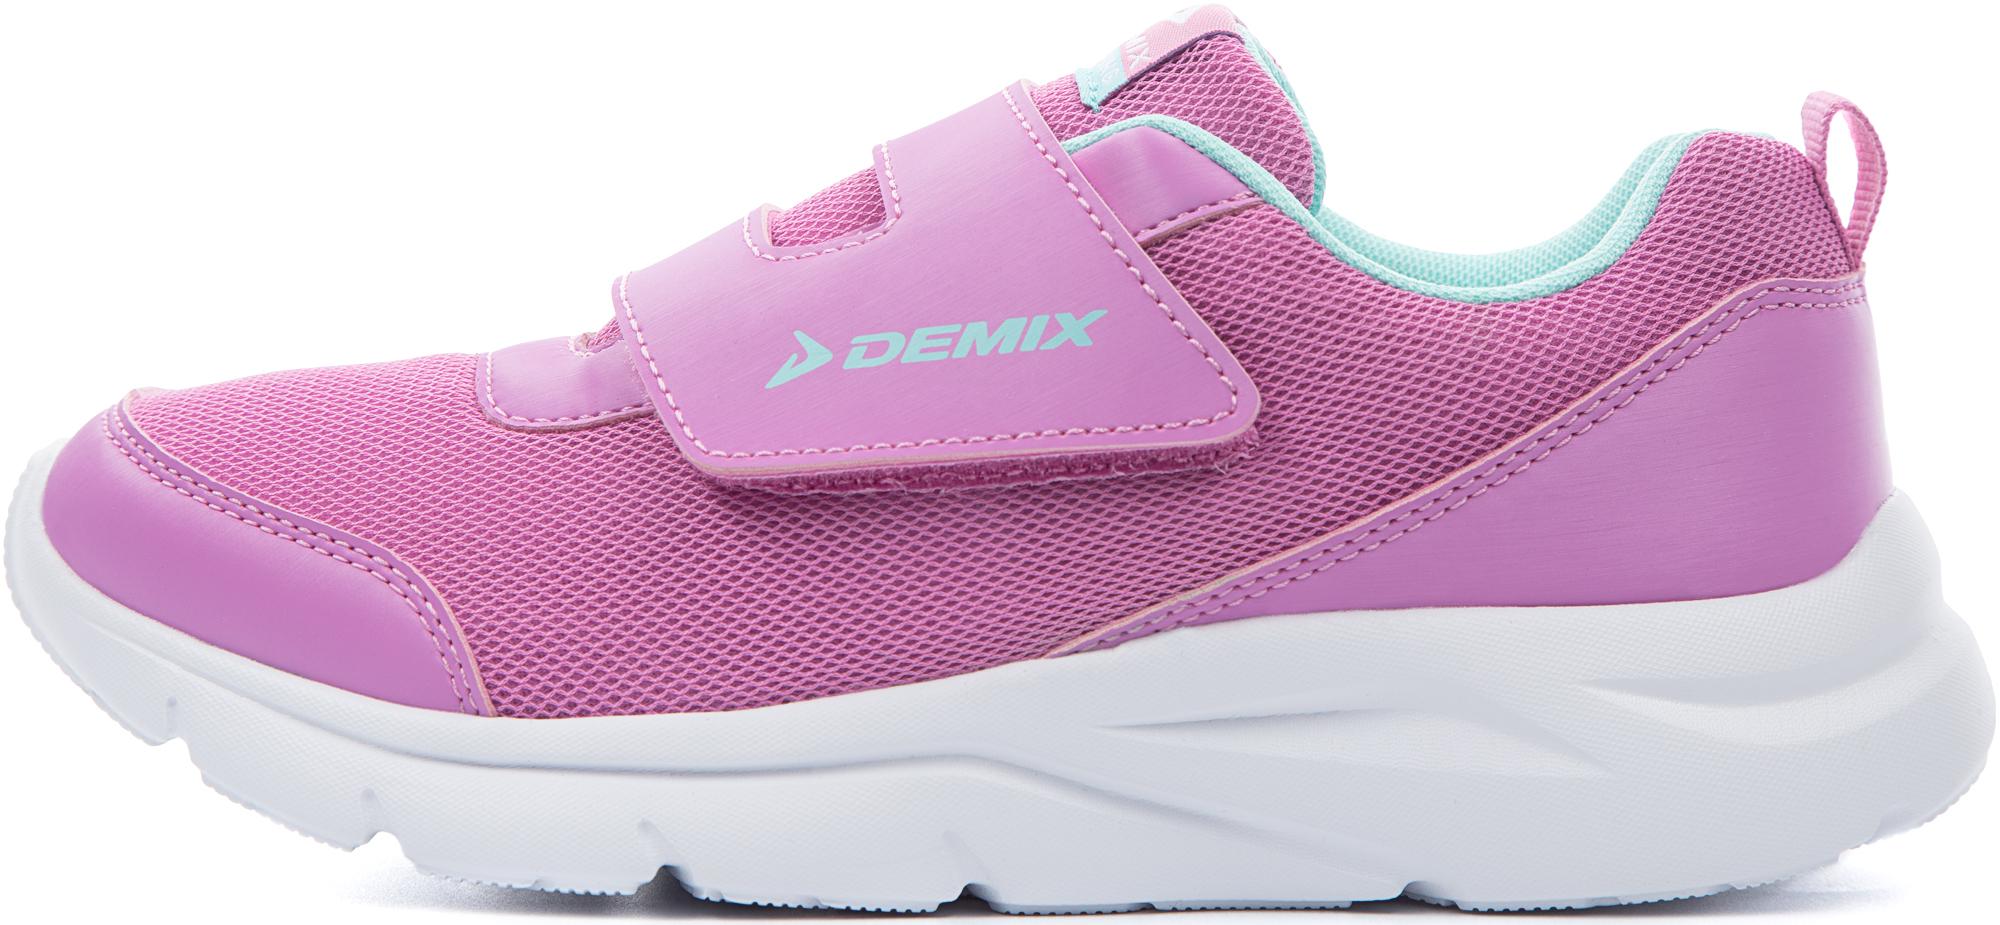 цена Demix Кроссовки для девочек Demix Lider ||, размер 36 онлайн в 2017 году